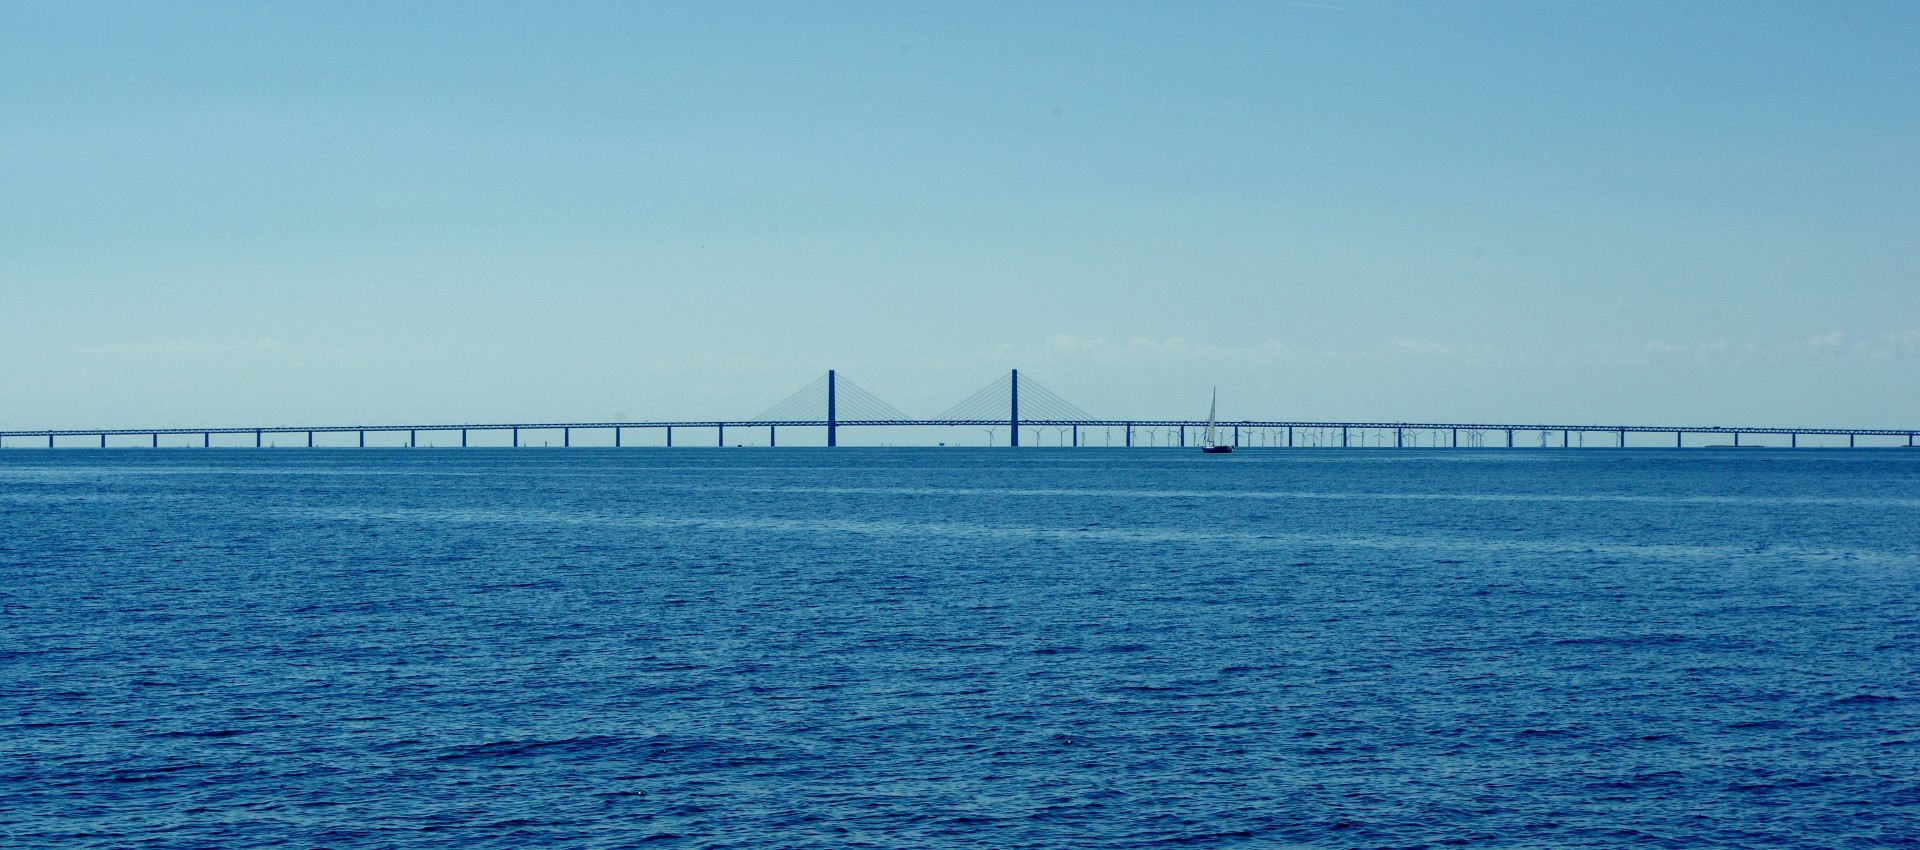 Öresundsbro vom Wasser aus